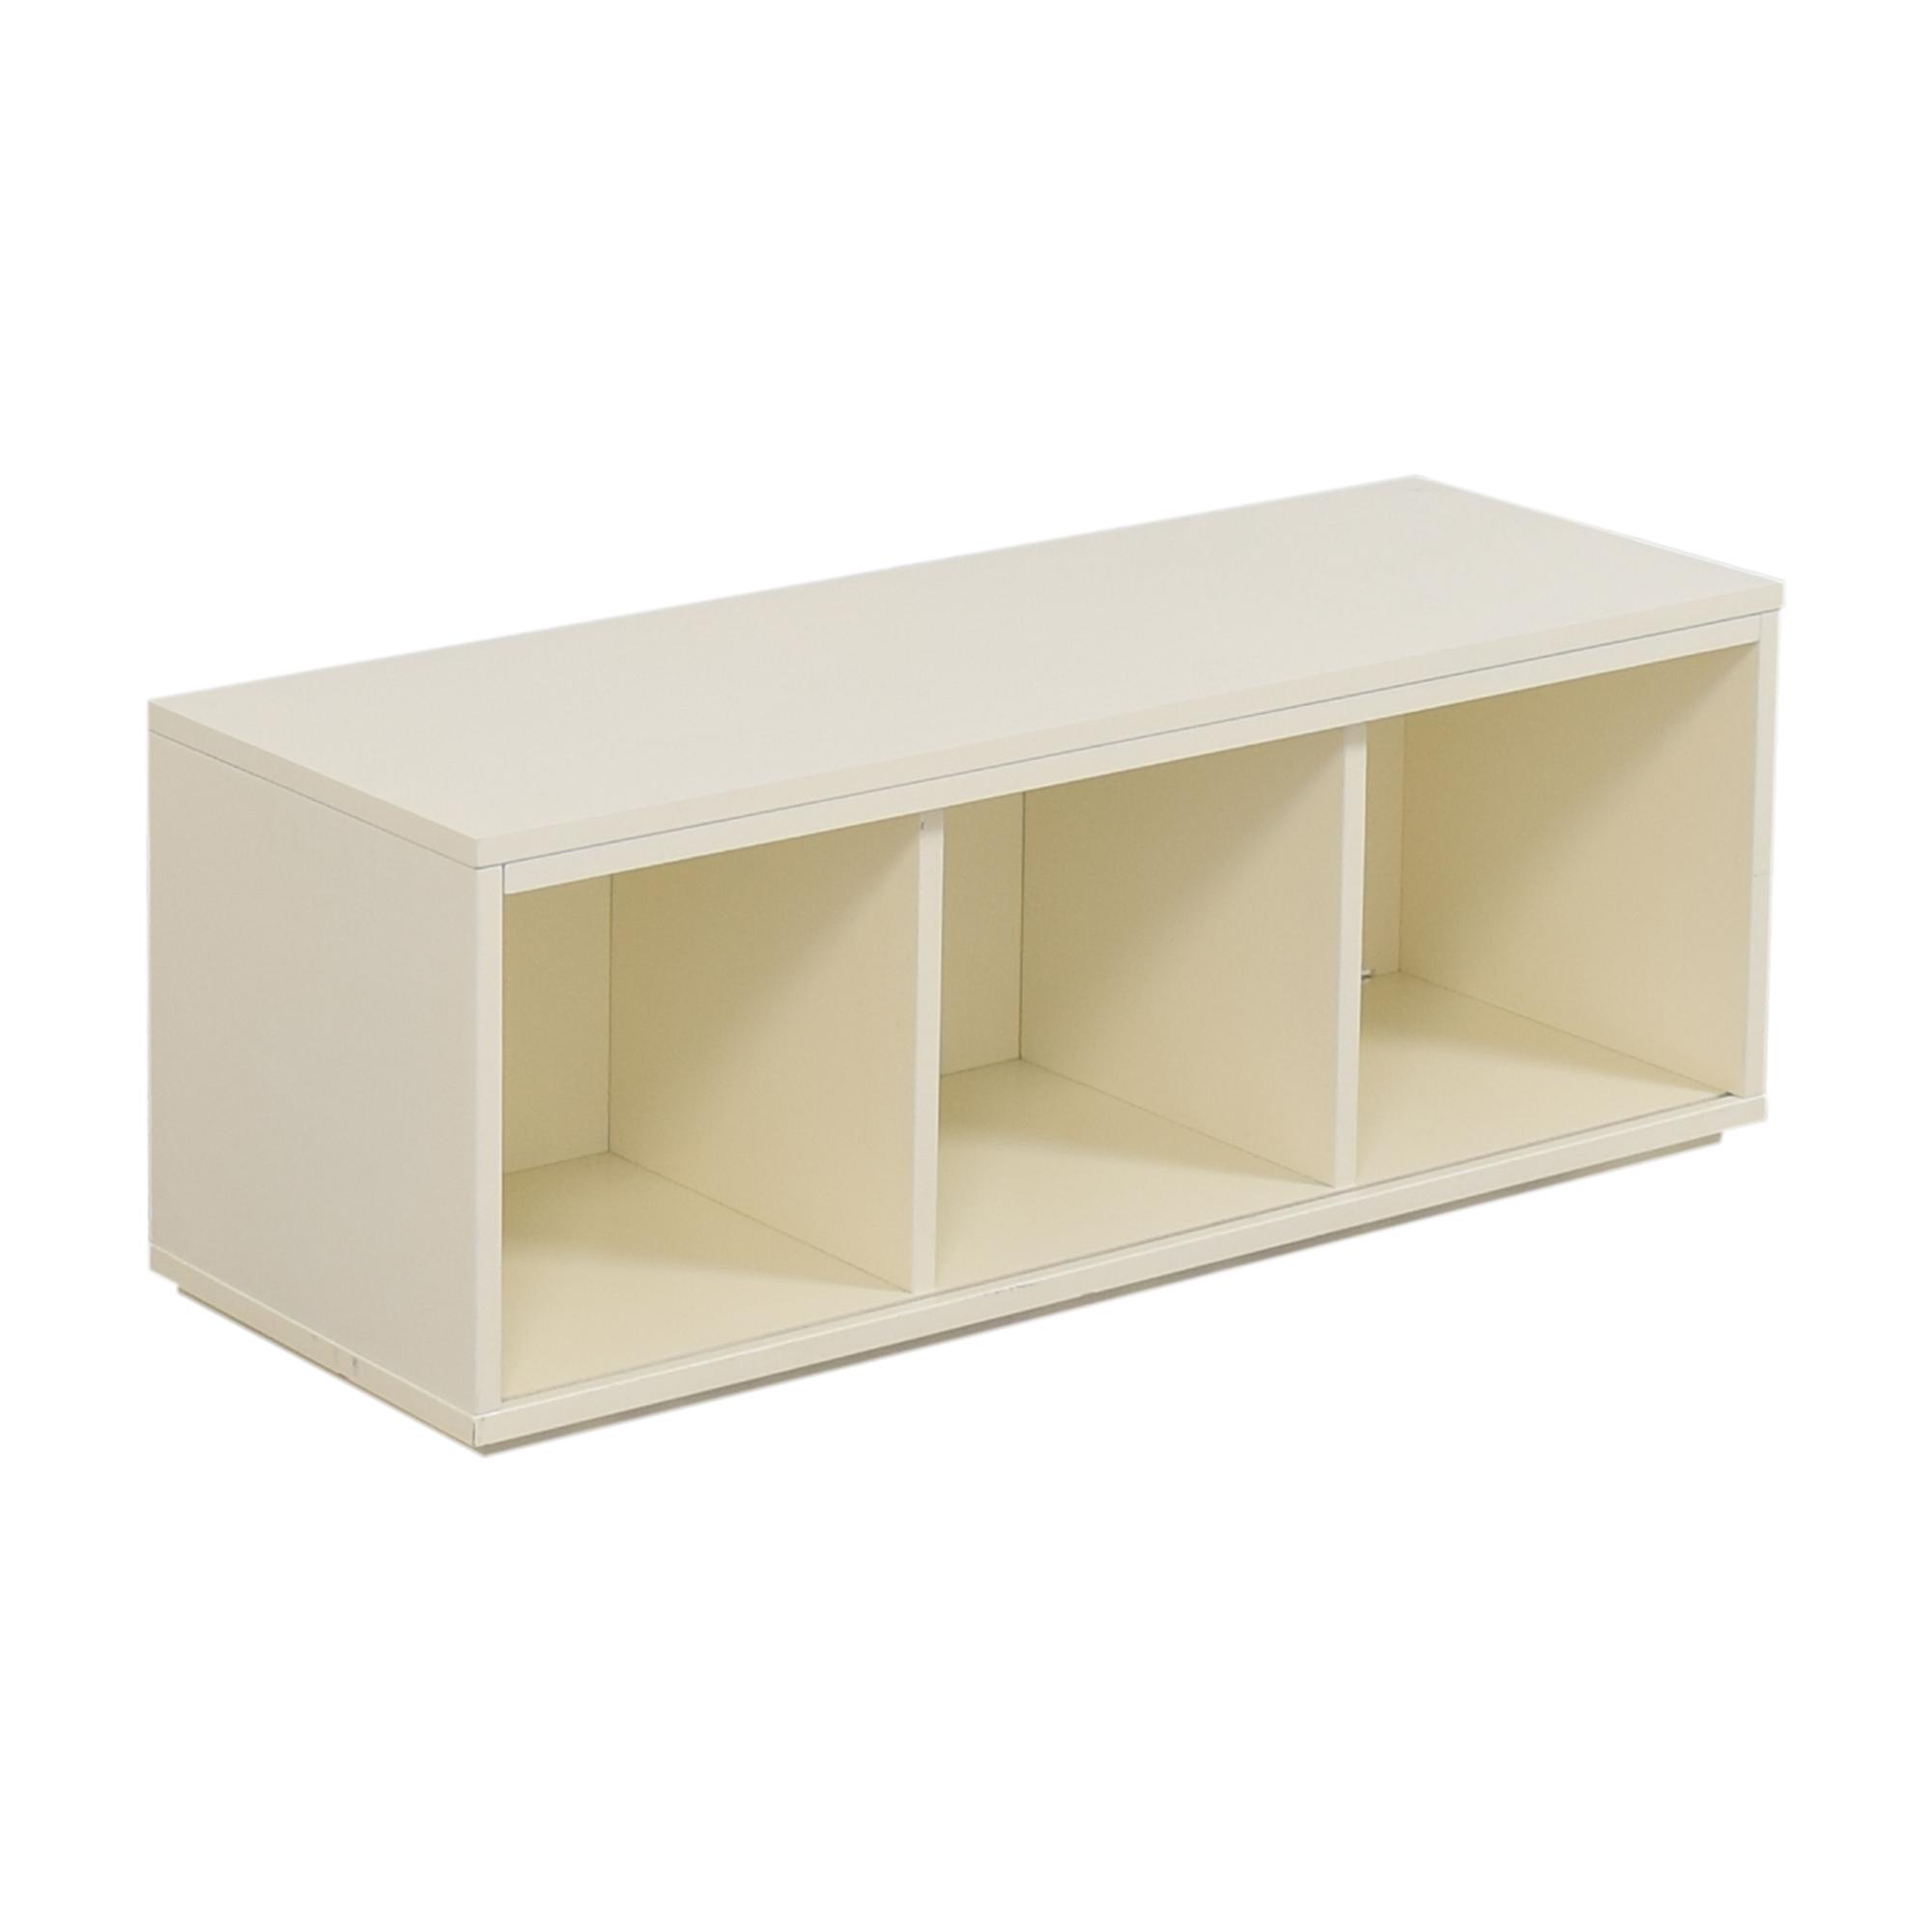 Crate & Barrel Crate & Barrel District Three-Cube Stackable Bookcase